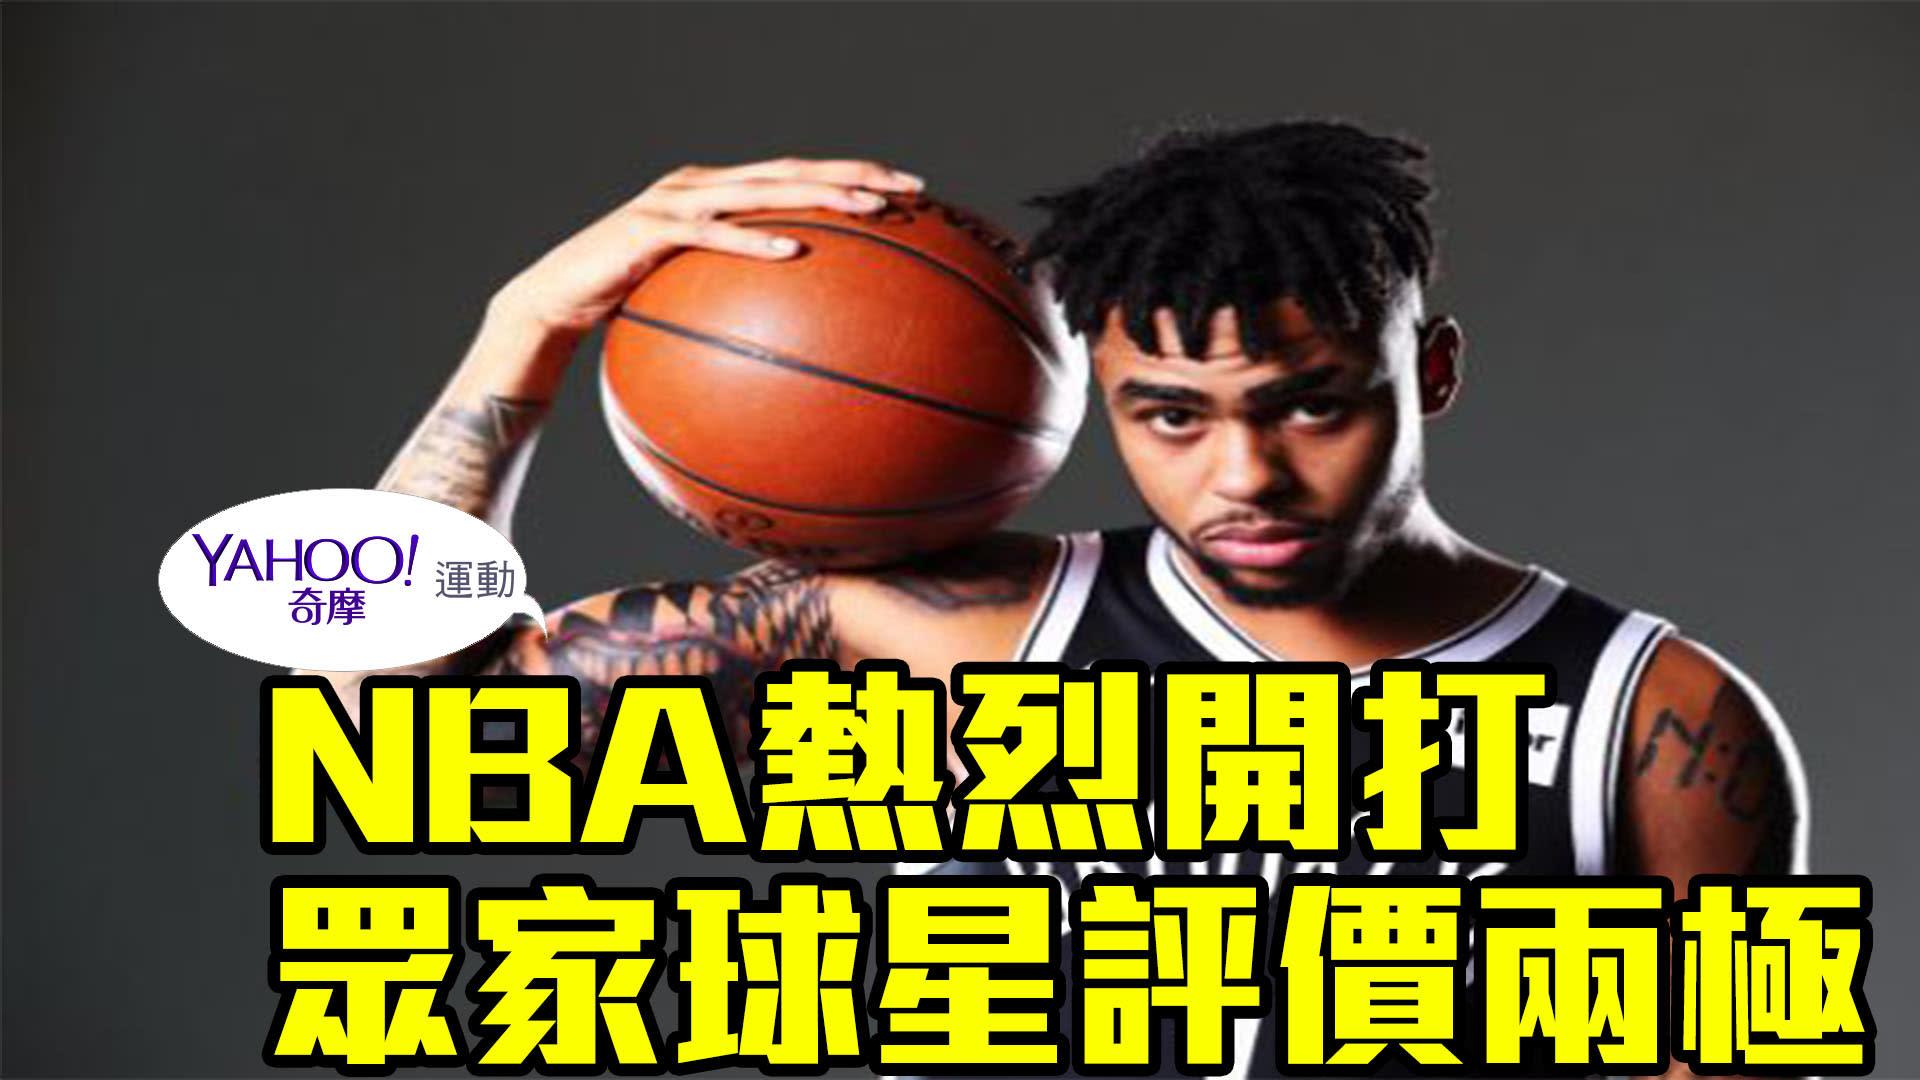 【影音】NBA熱烈開打 眾家球星評價兩極